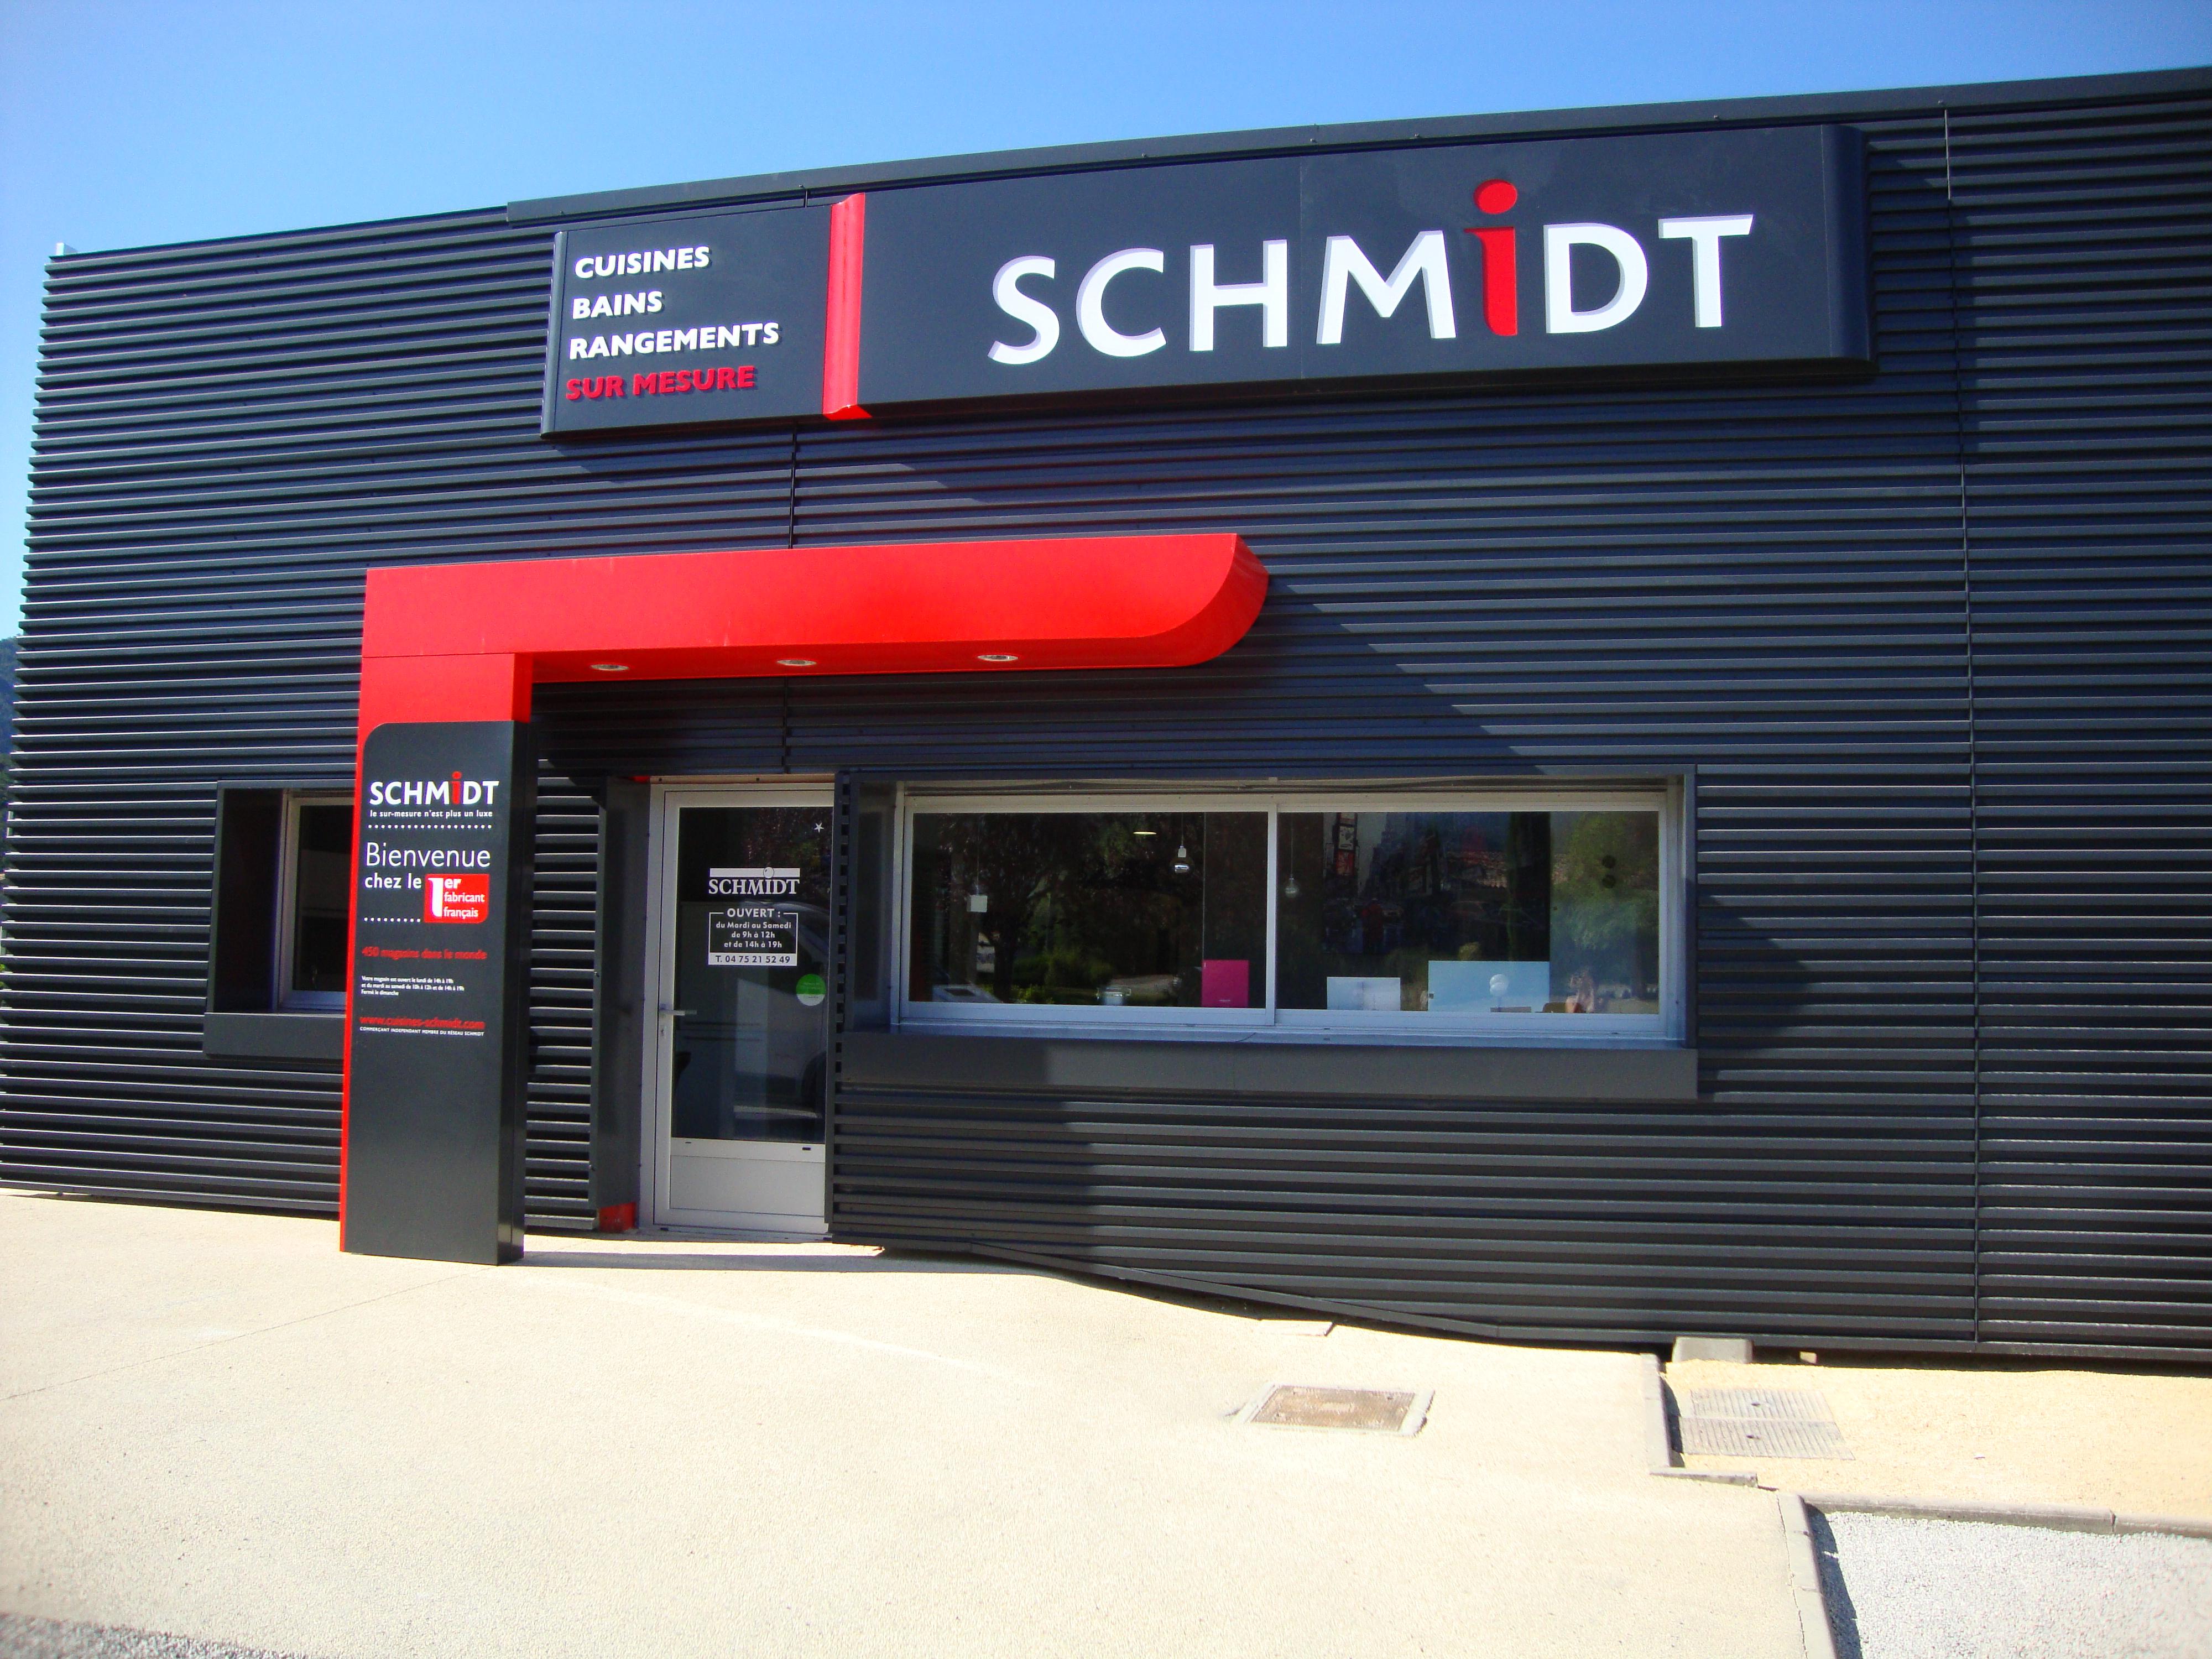 decoration cuisine schmidt. Black Bedroom Furniture Sets. Home Design Ideas